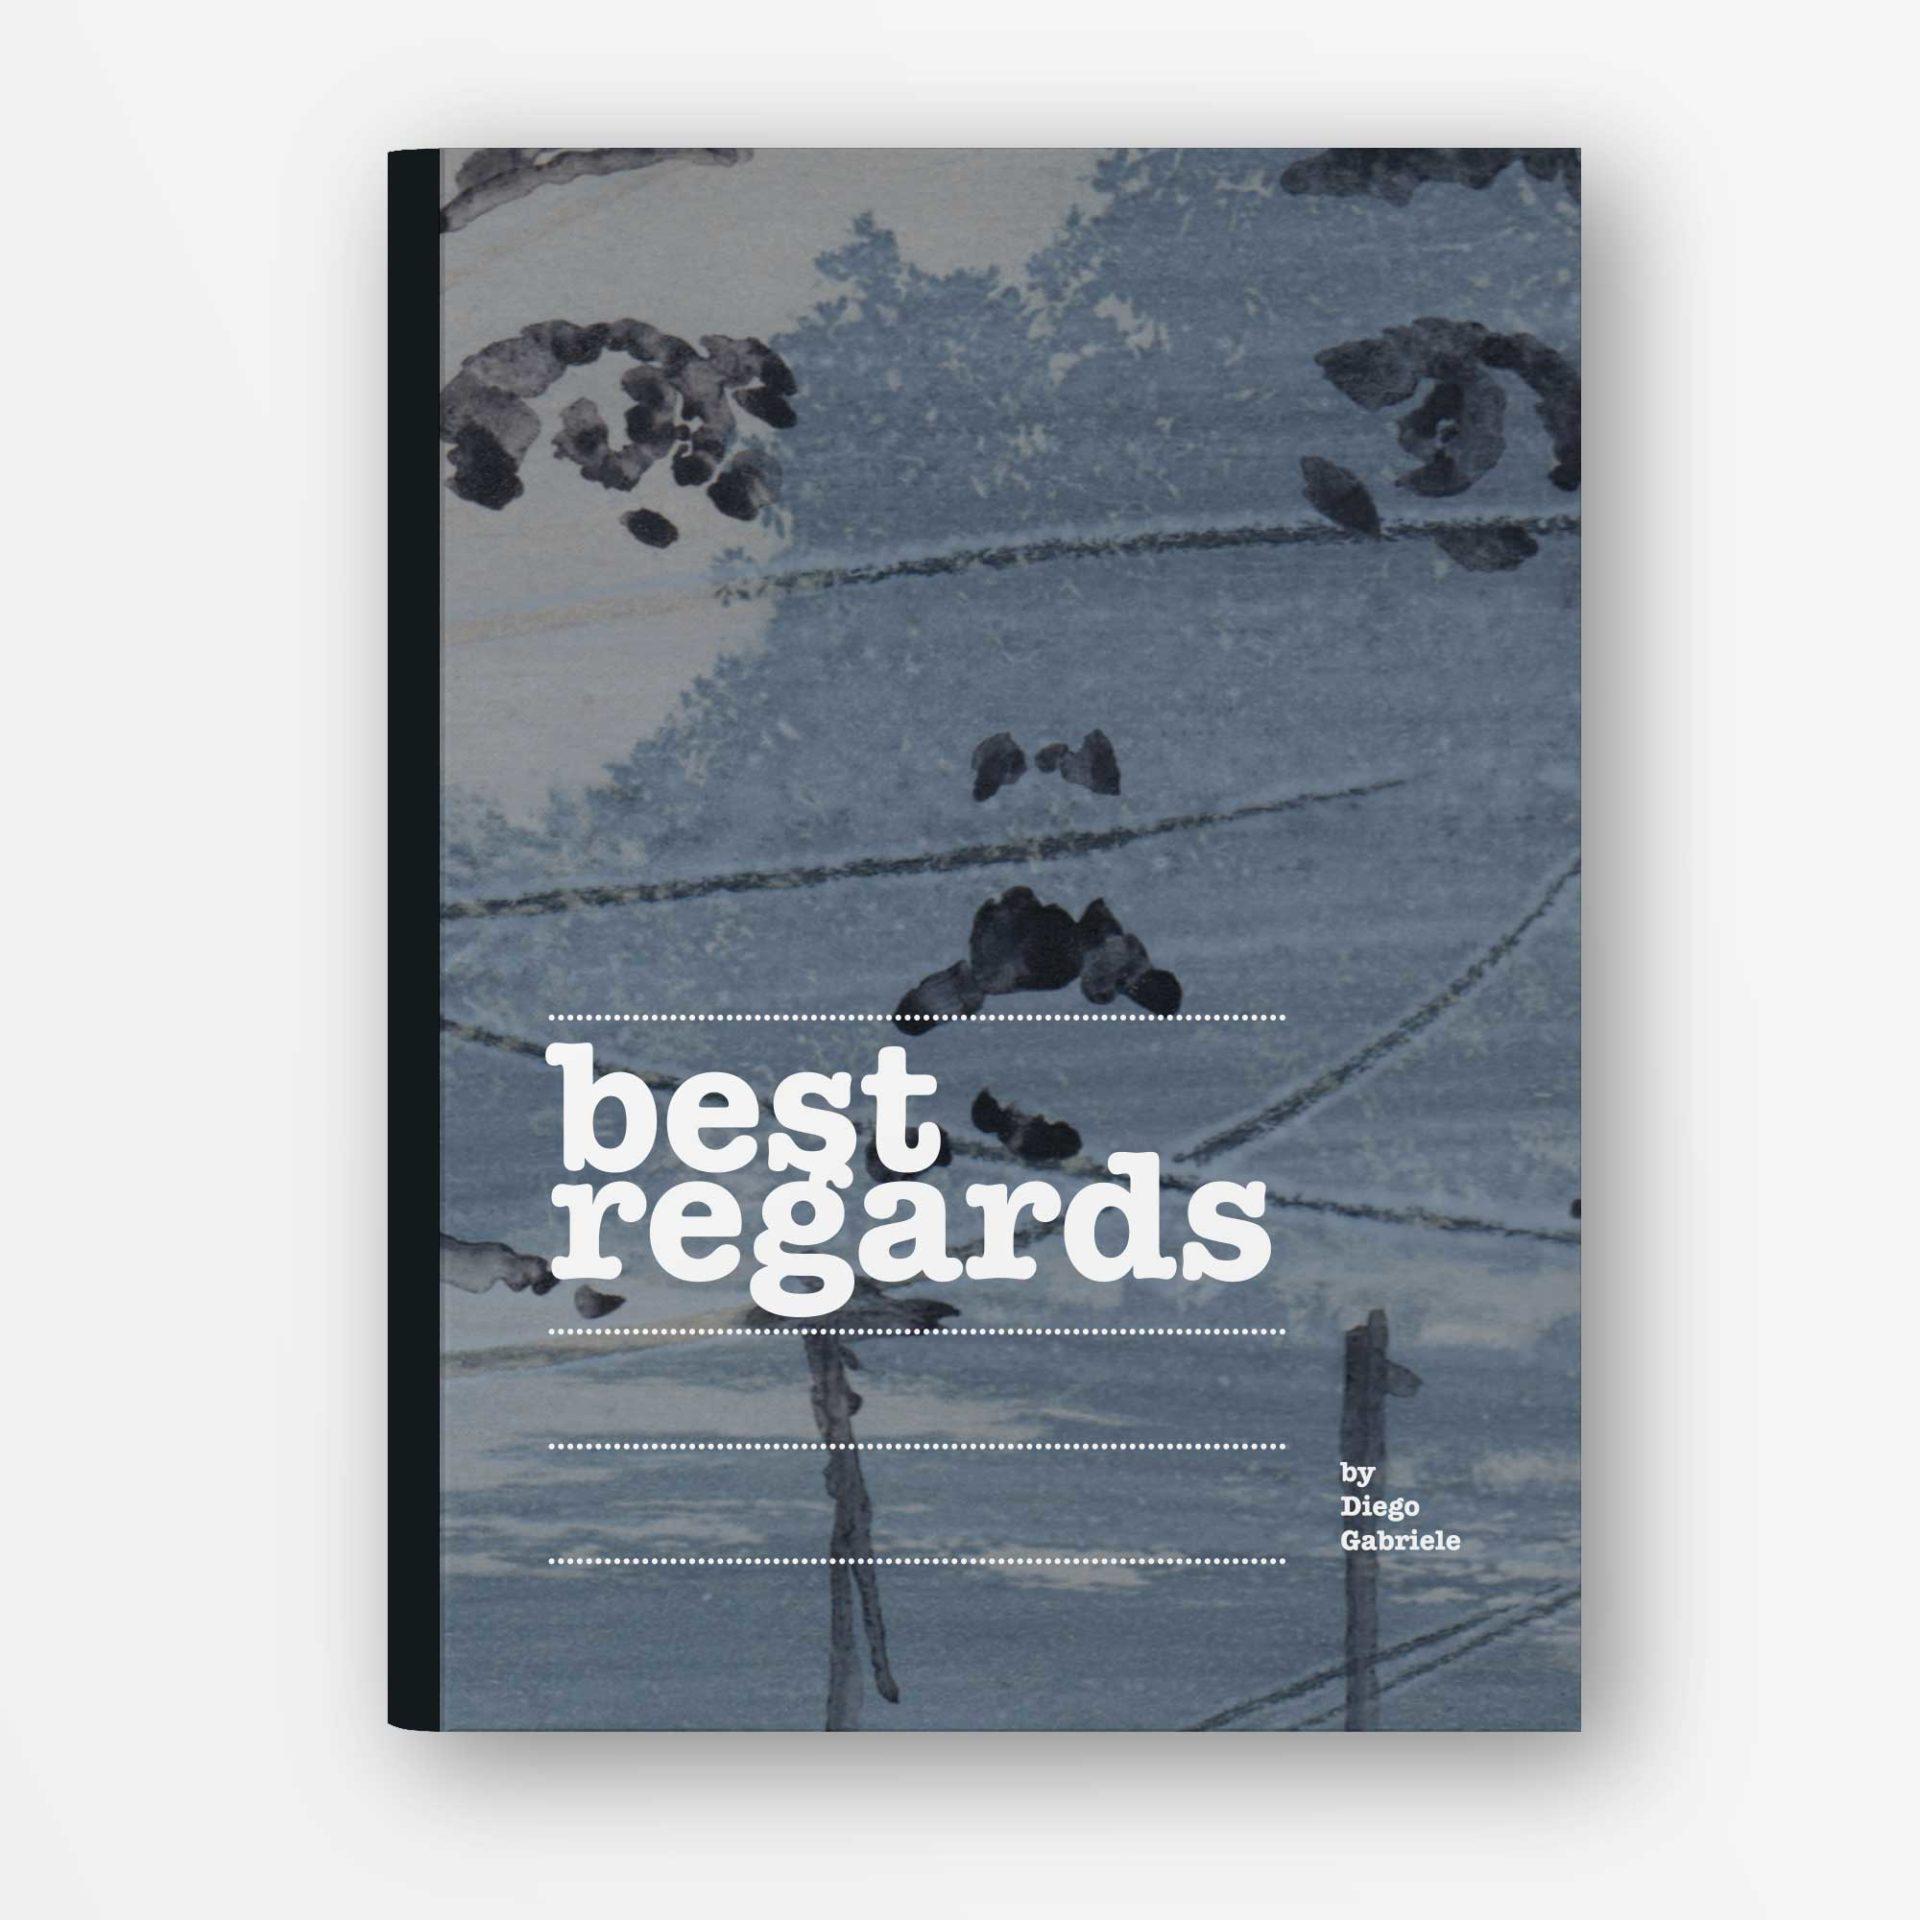 Best Regard libro Illustrato di Diego gabriele